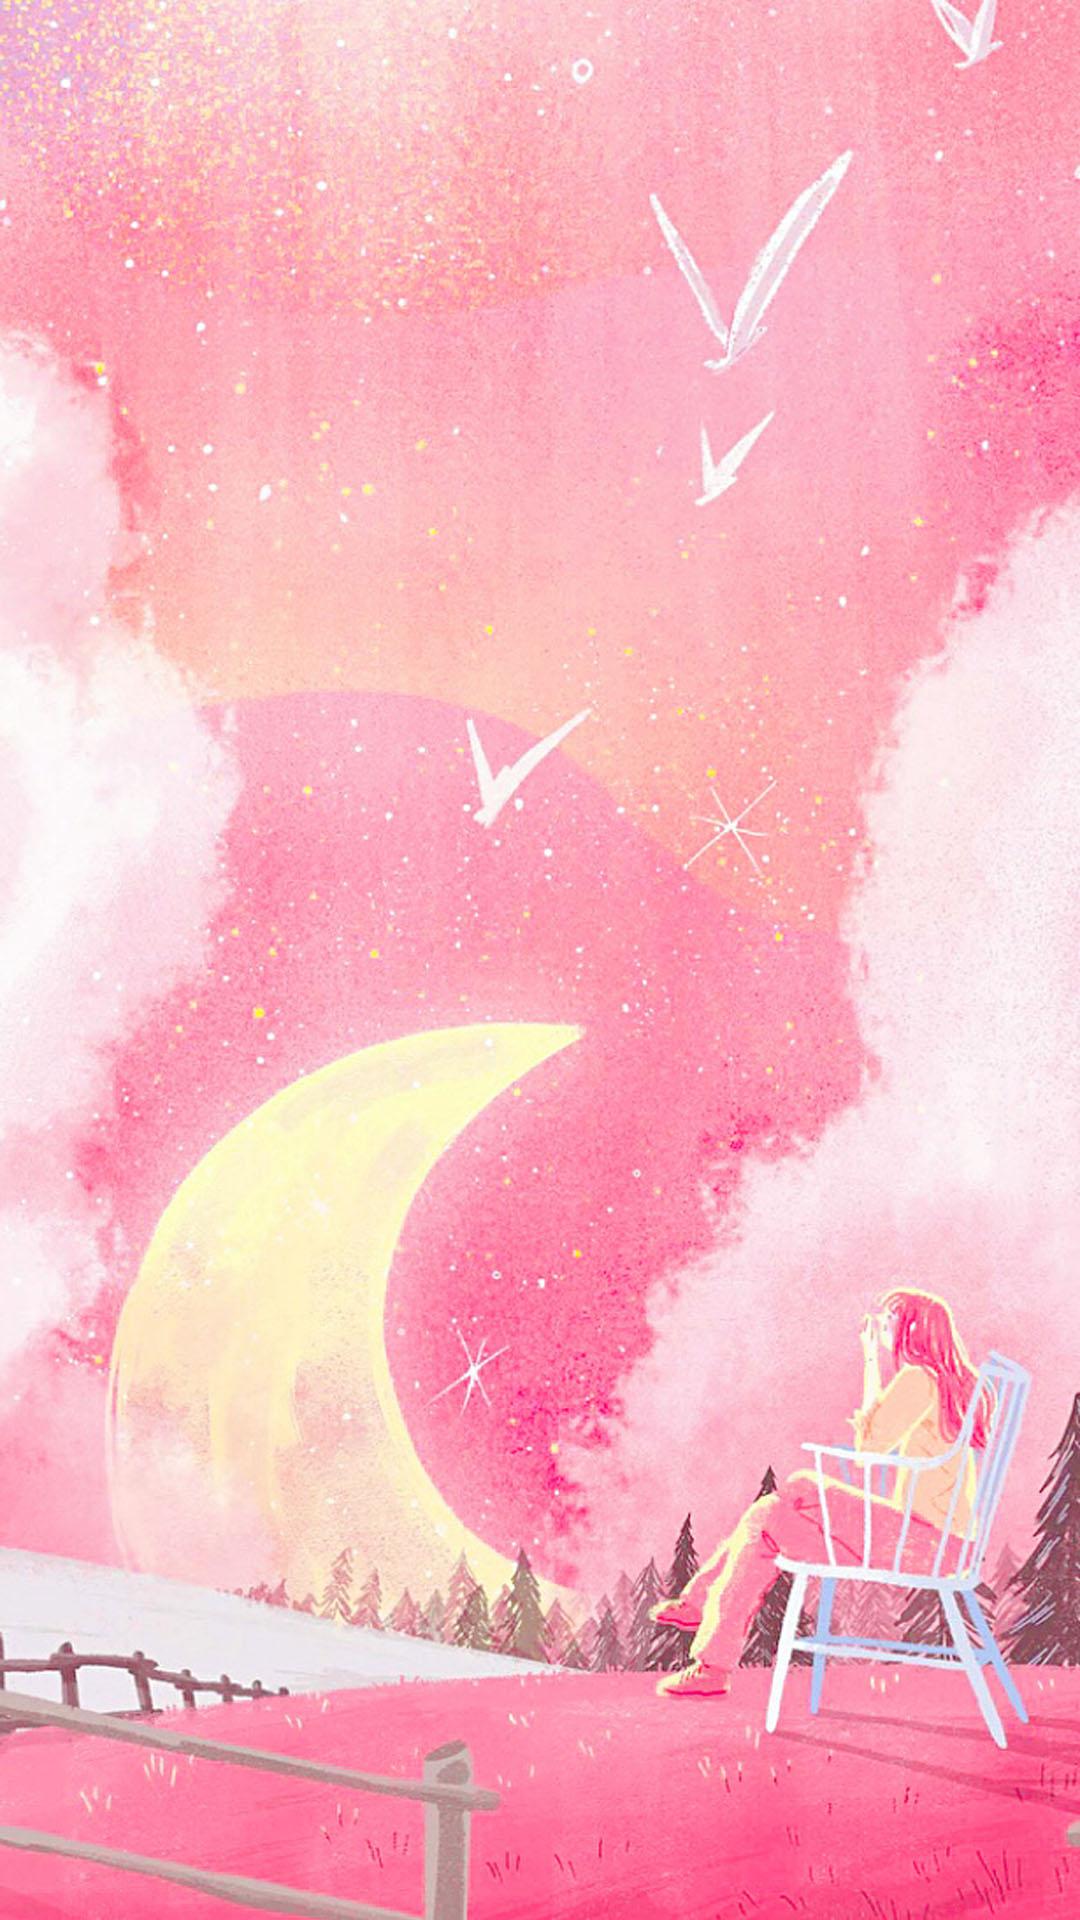 【v粉壁纸】唯美浪漫手绘插画图片手机壁纸